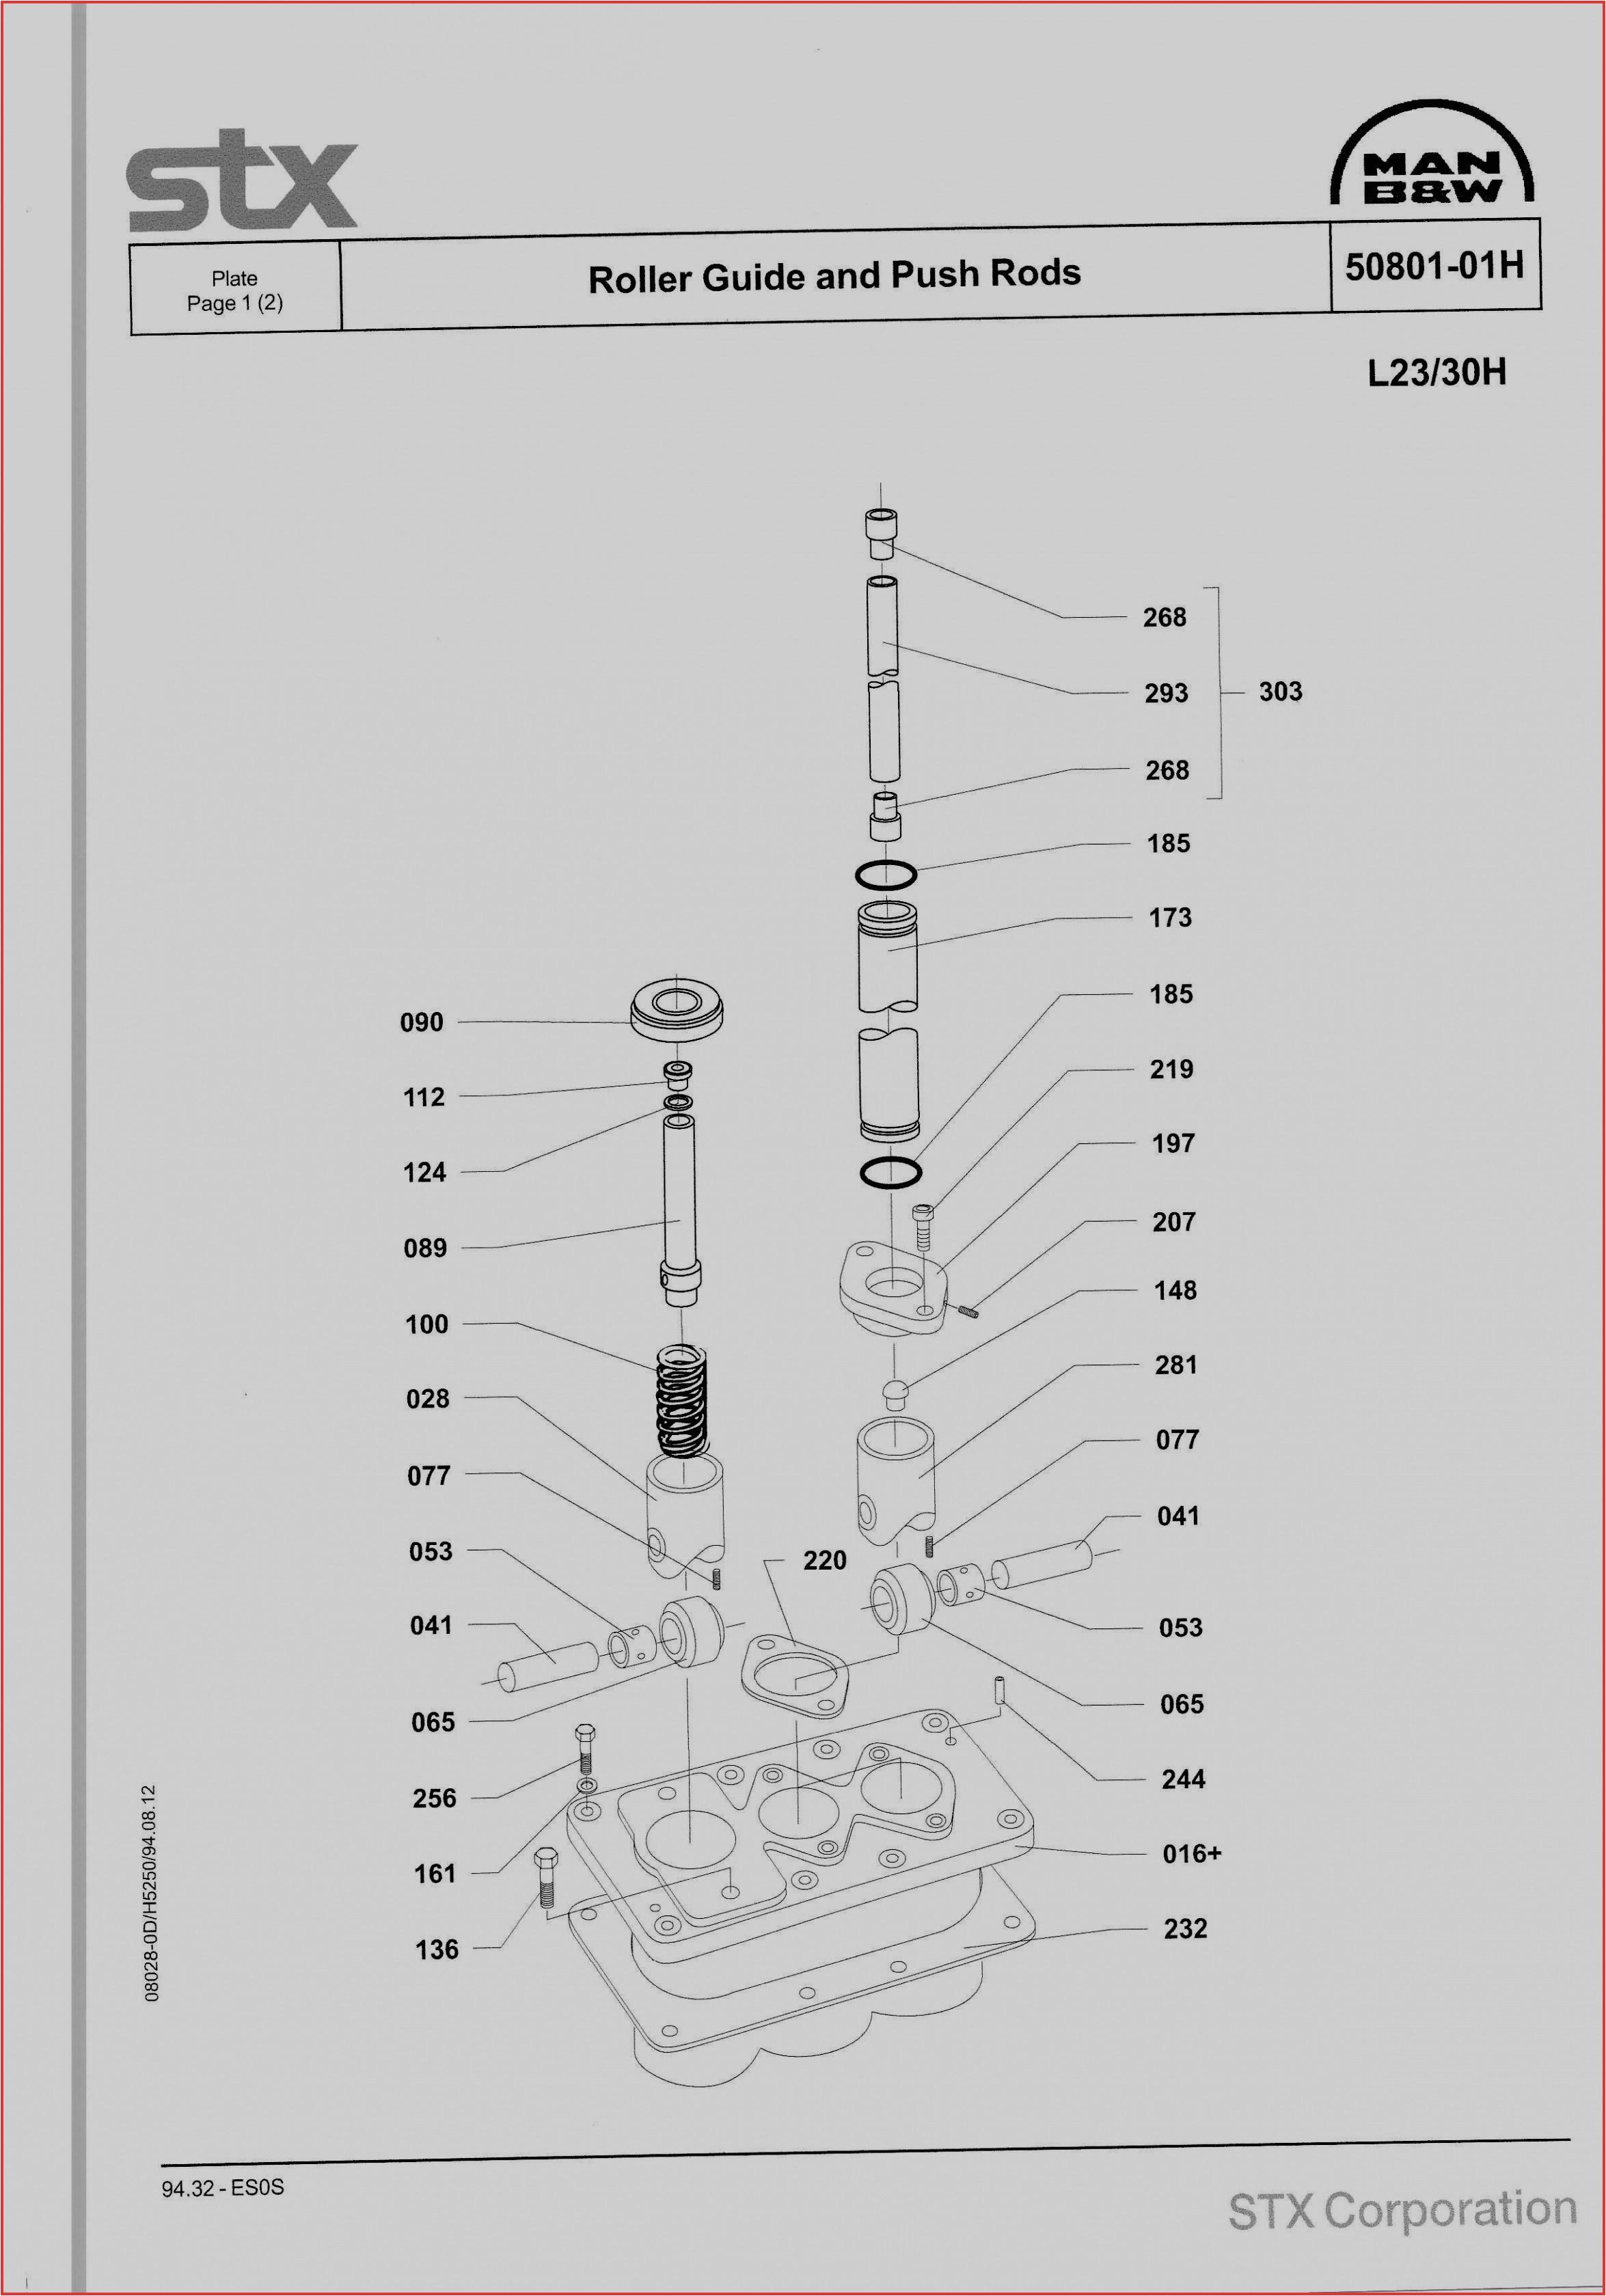 hvac wiring diagrams download hvac wiring diagrams download simple hvac wiring diagram new wiring diagram no 2018 hvac wiring jpg